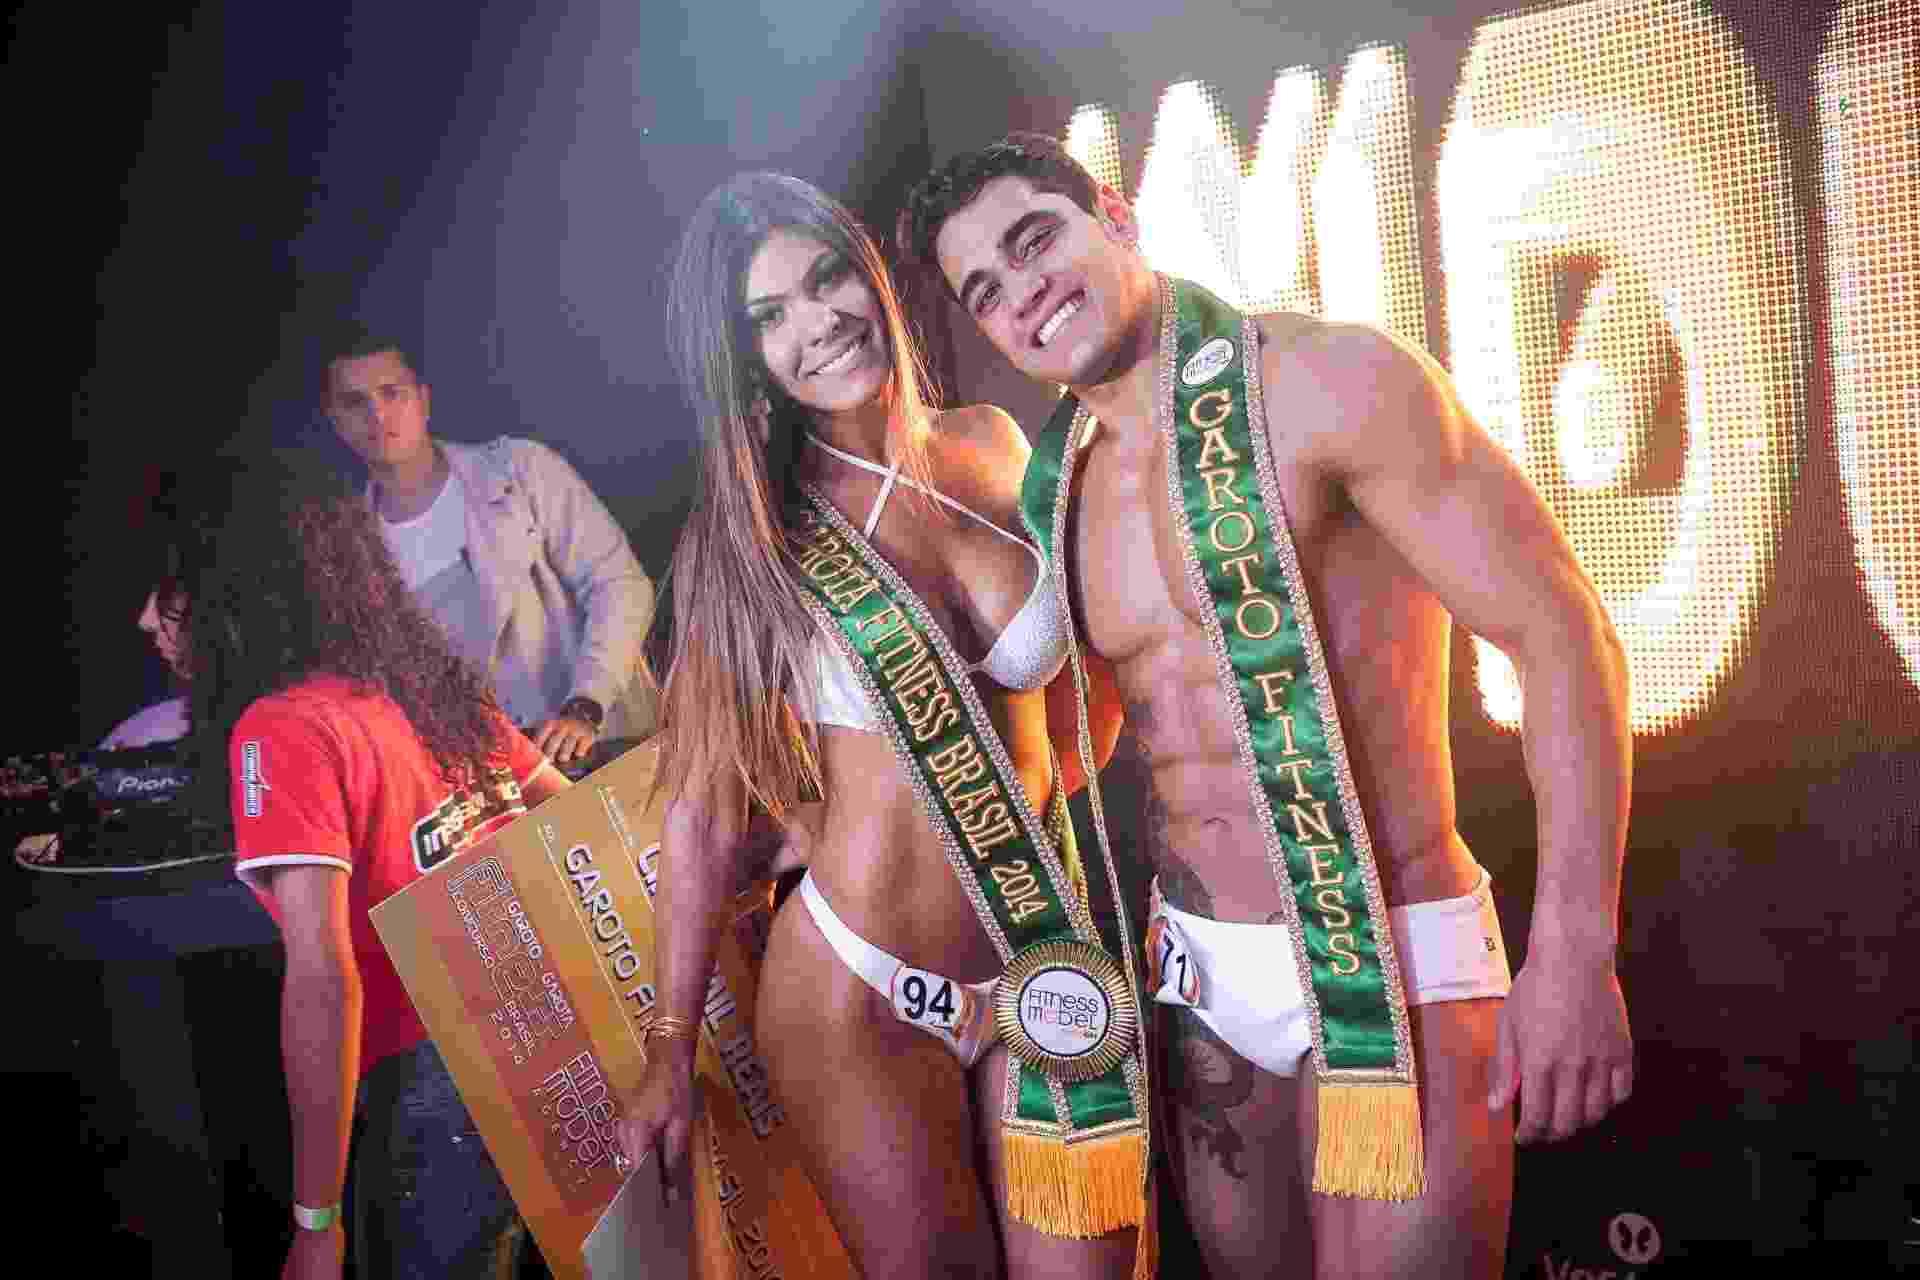 17.mar.2014 - O modelo Diogo, 23 anos, e a estudante Priscilla, 22 anos, foram os vencedores do concurso Garoto e Garota Fitness Brasil 2014, que elege os mais bonitos e sarados das academias do país - Rodrigo Capote/UOL